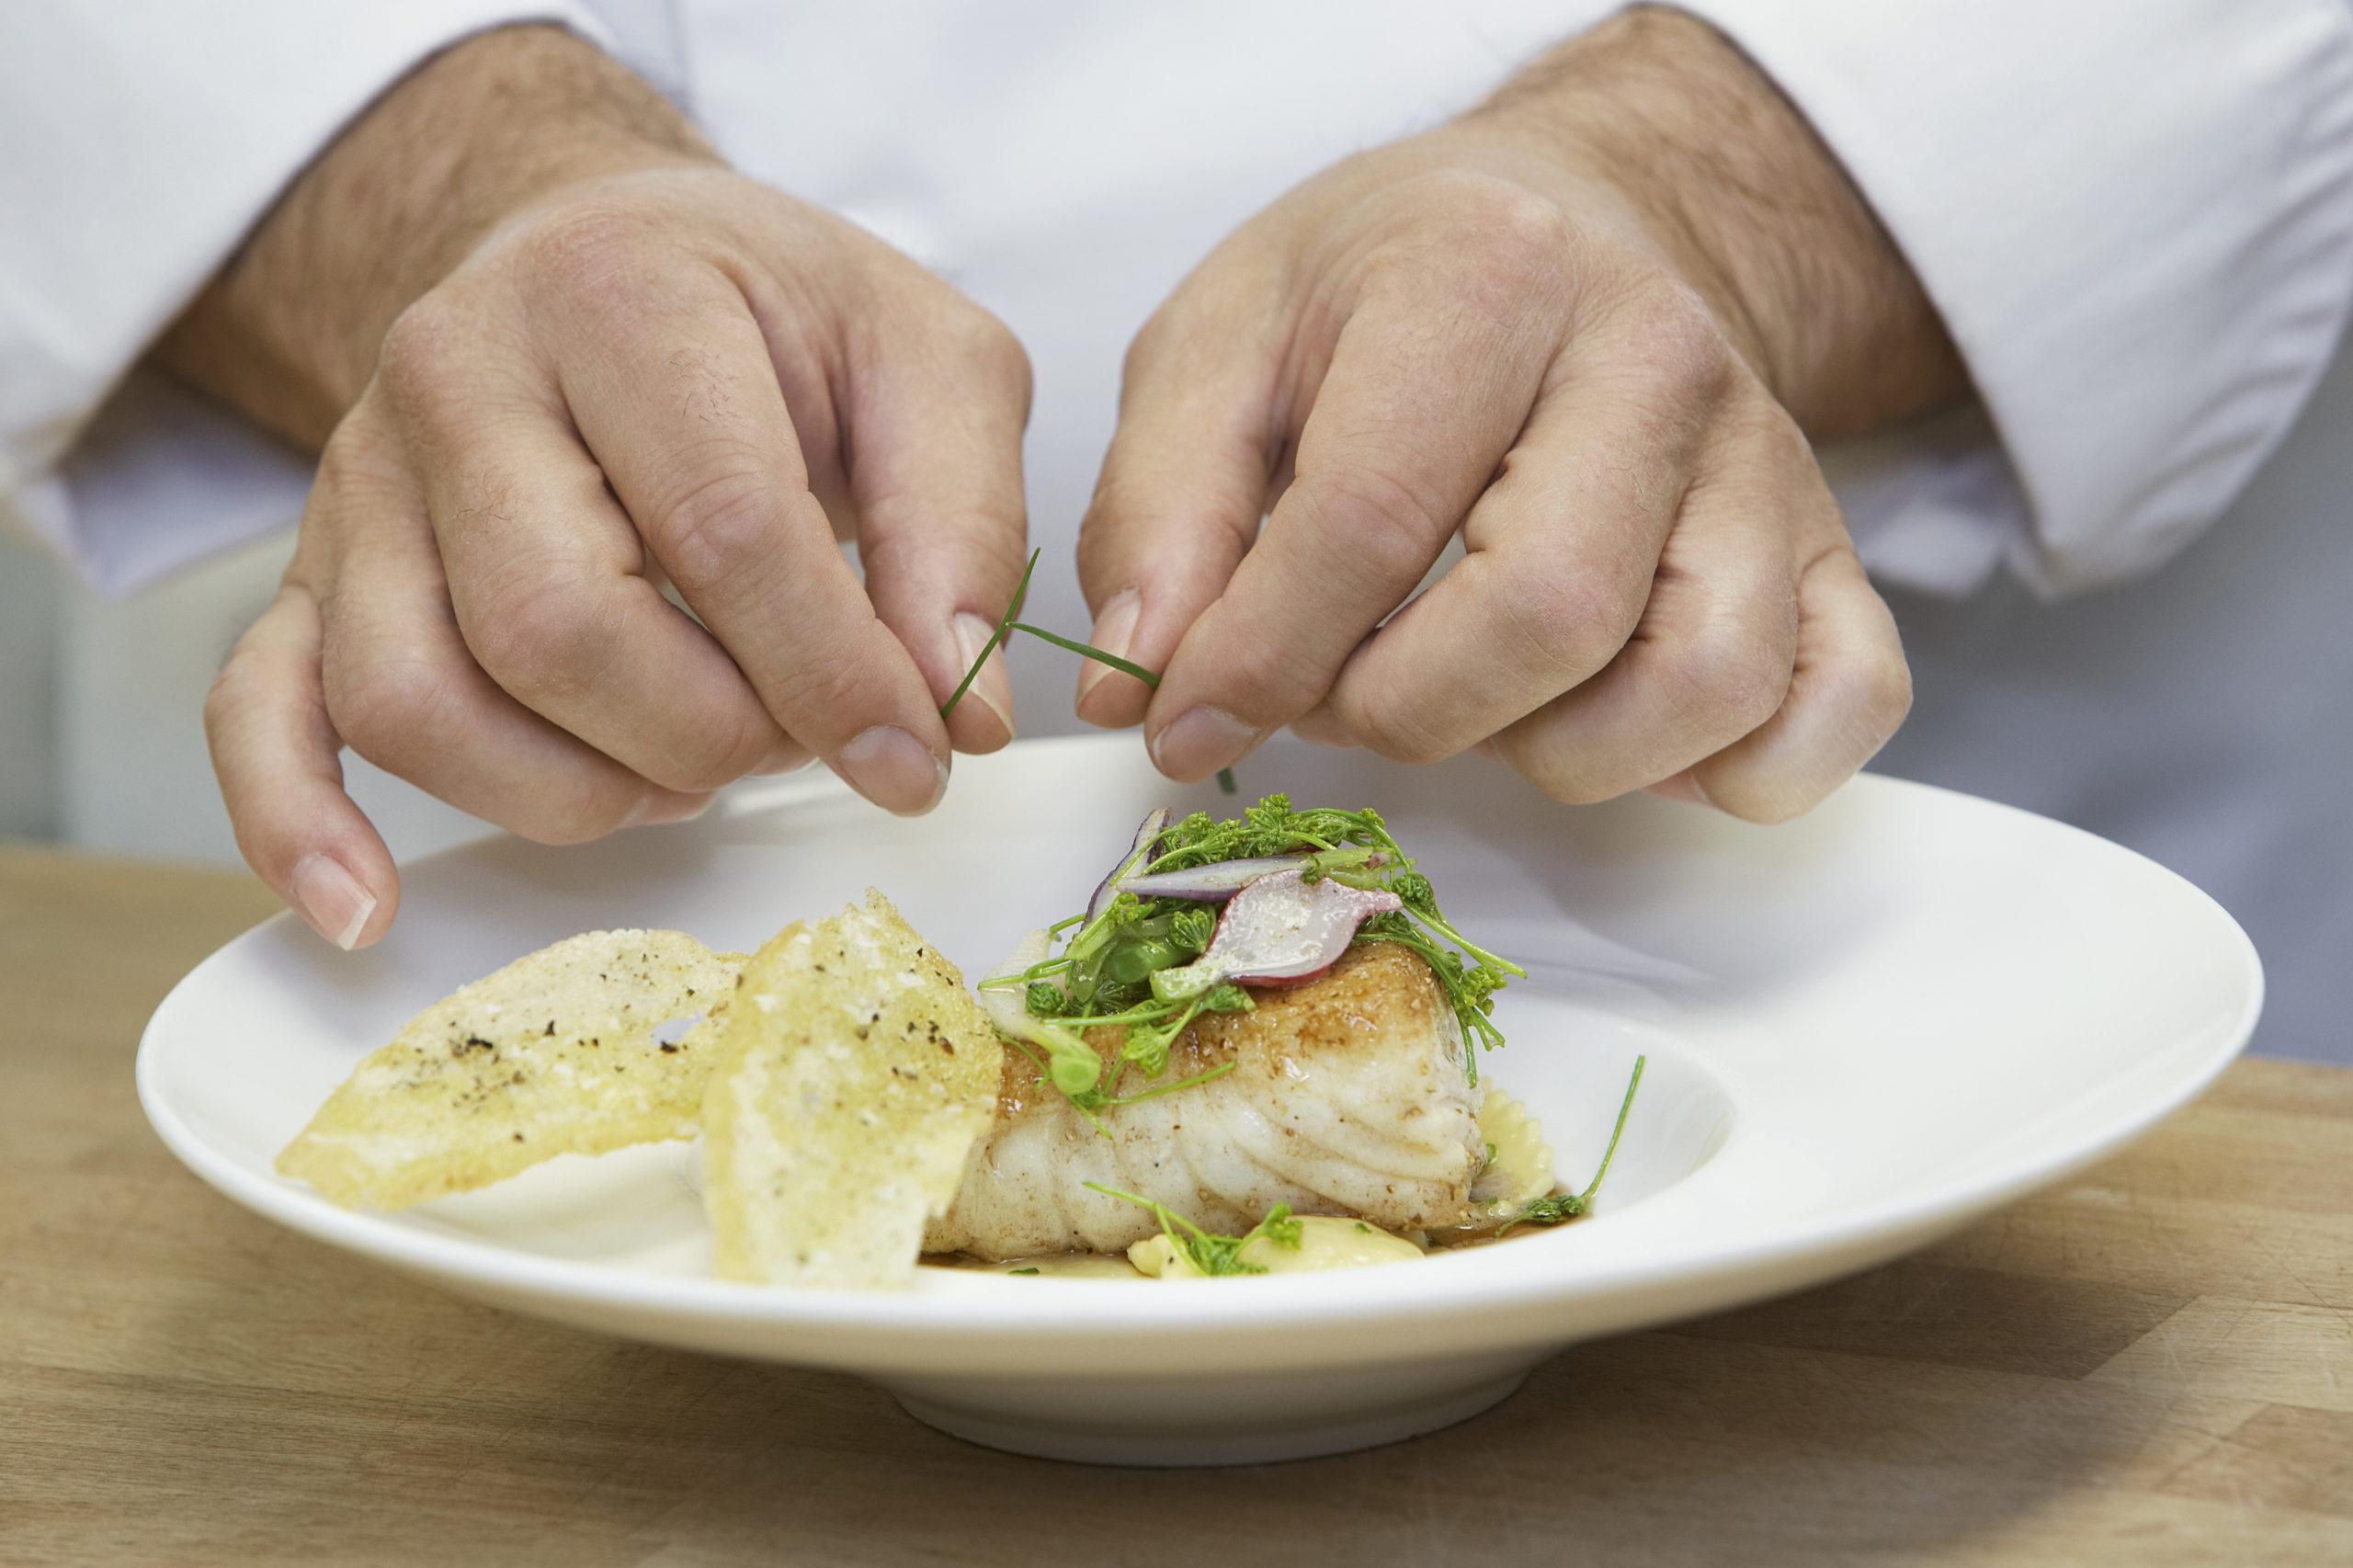 profesjonalne wyposażenie gastronomii warszawa